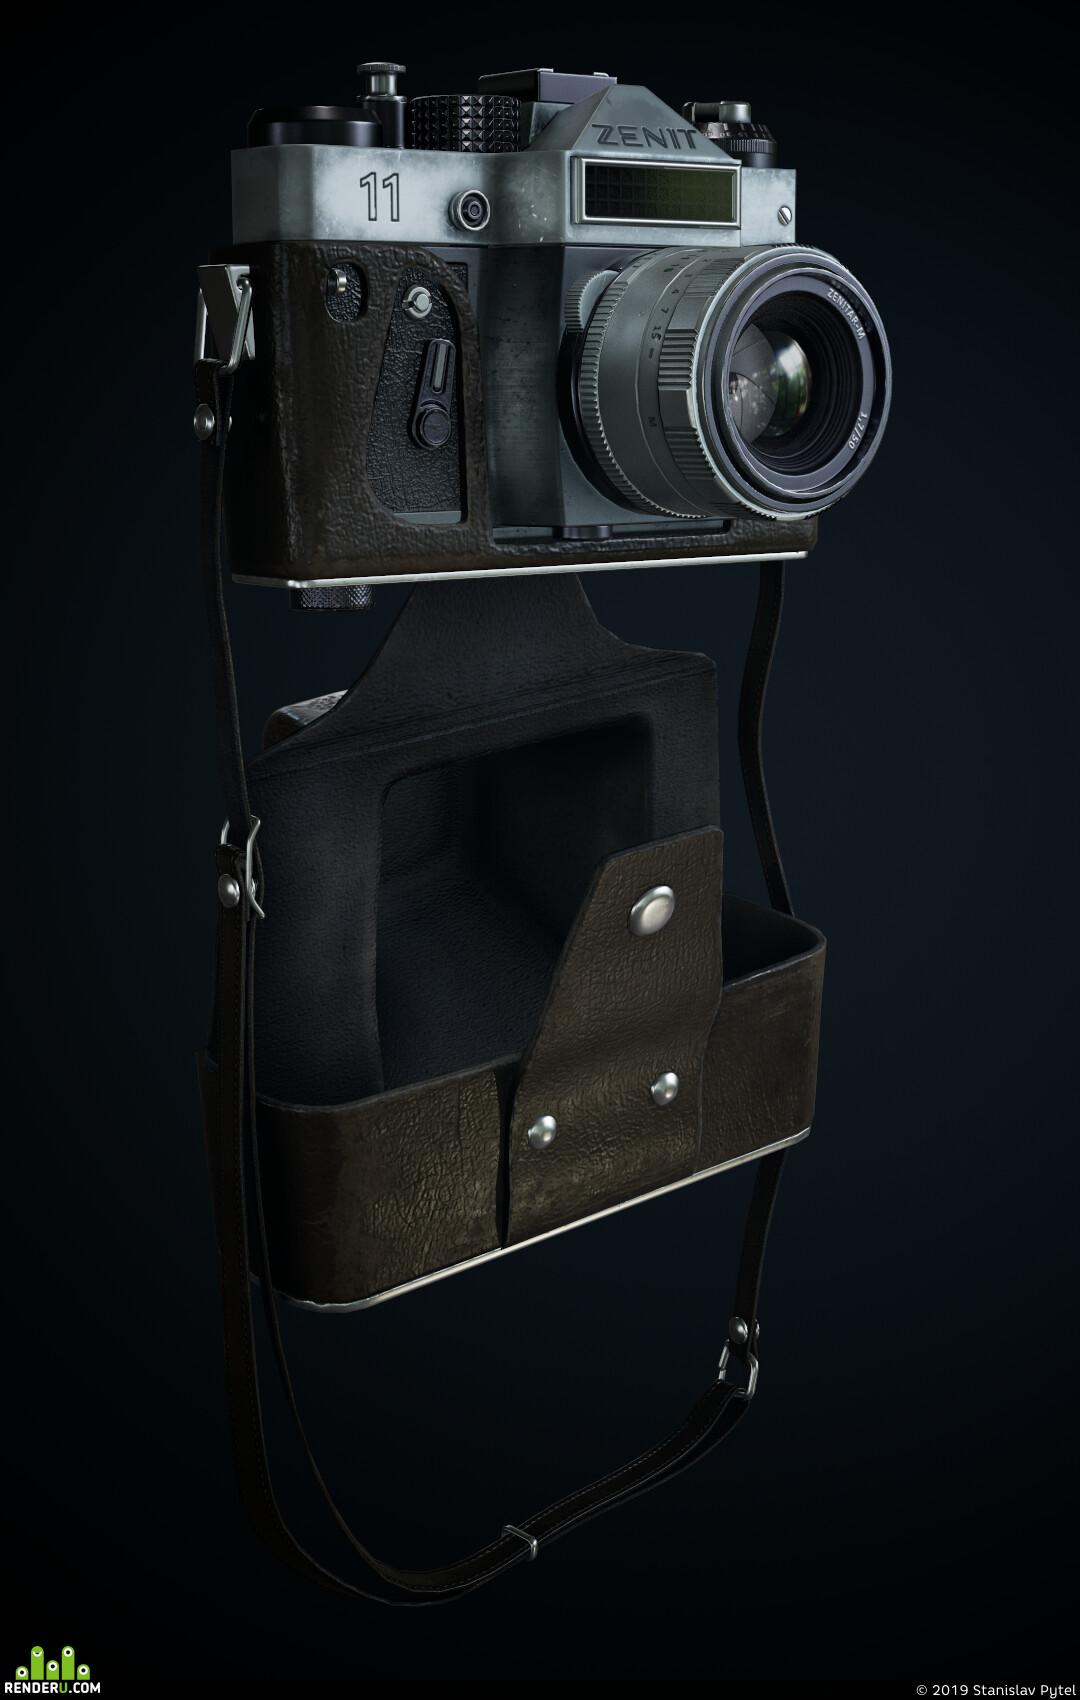 zenit, photocamera, Blender, substance, PBR